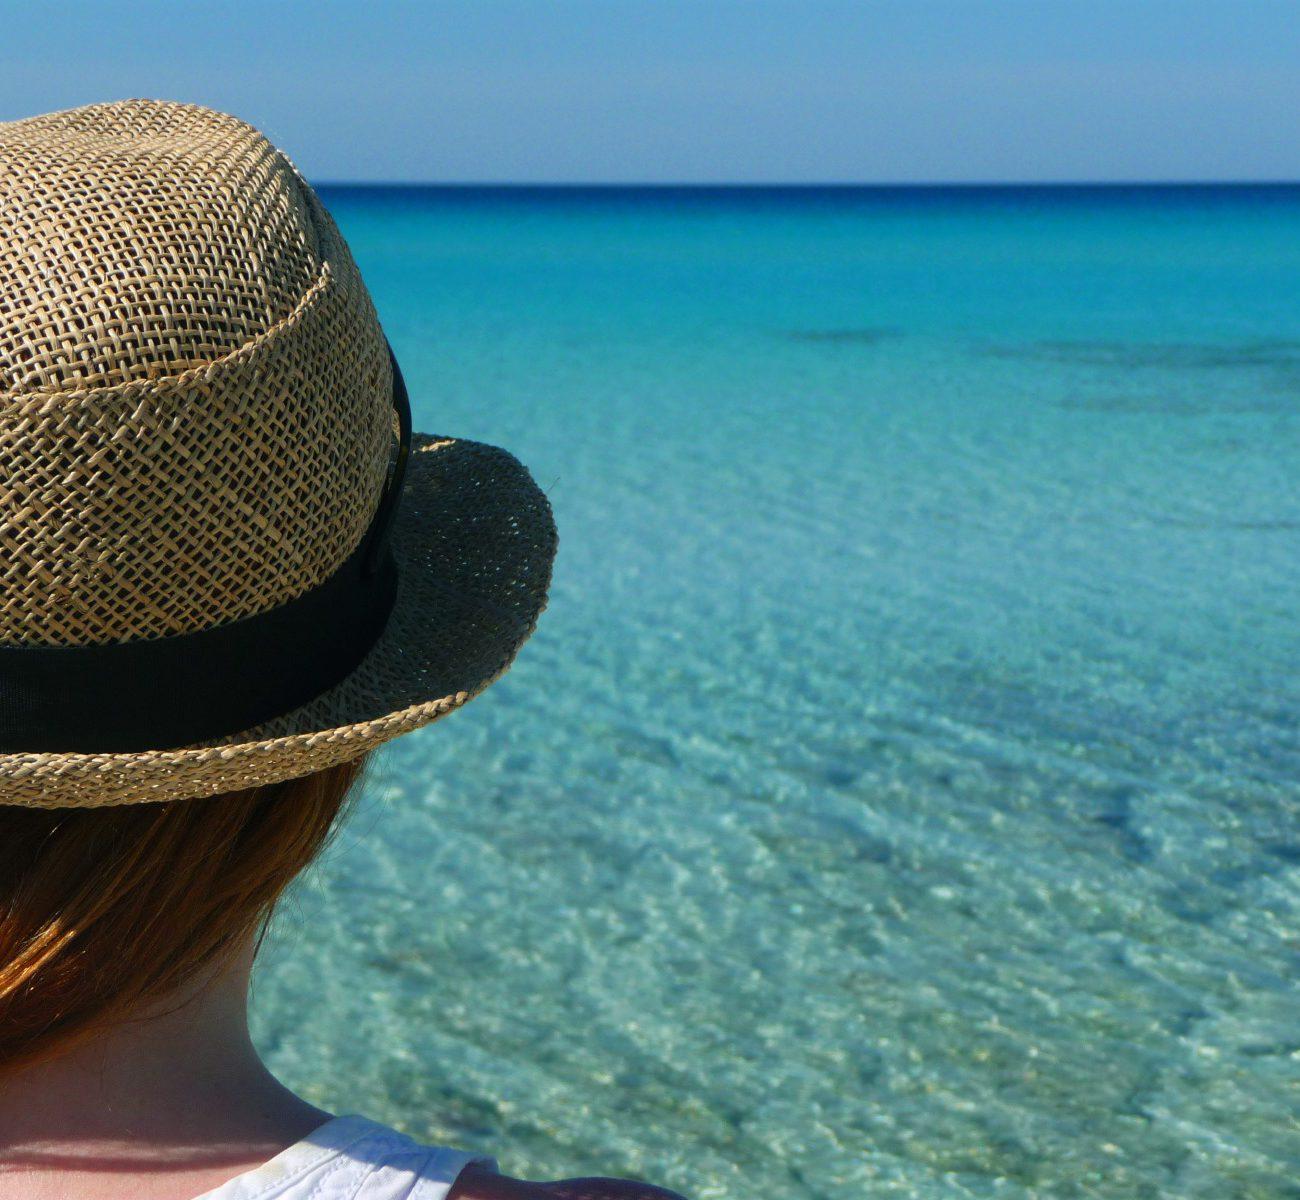 Een vakantieganger met rieten hoedje kijkt uit over het helderblauwe water.